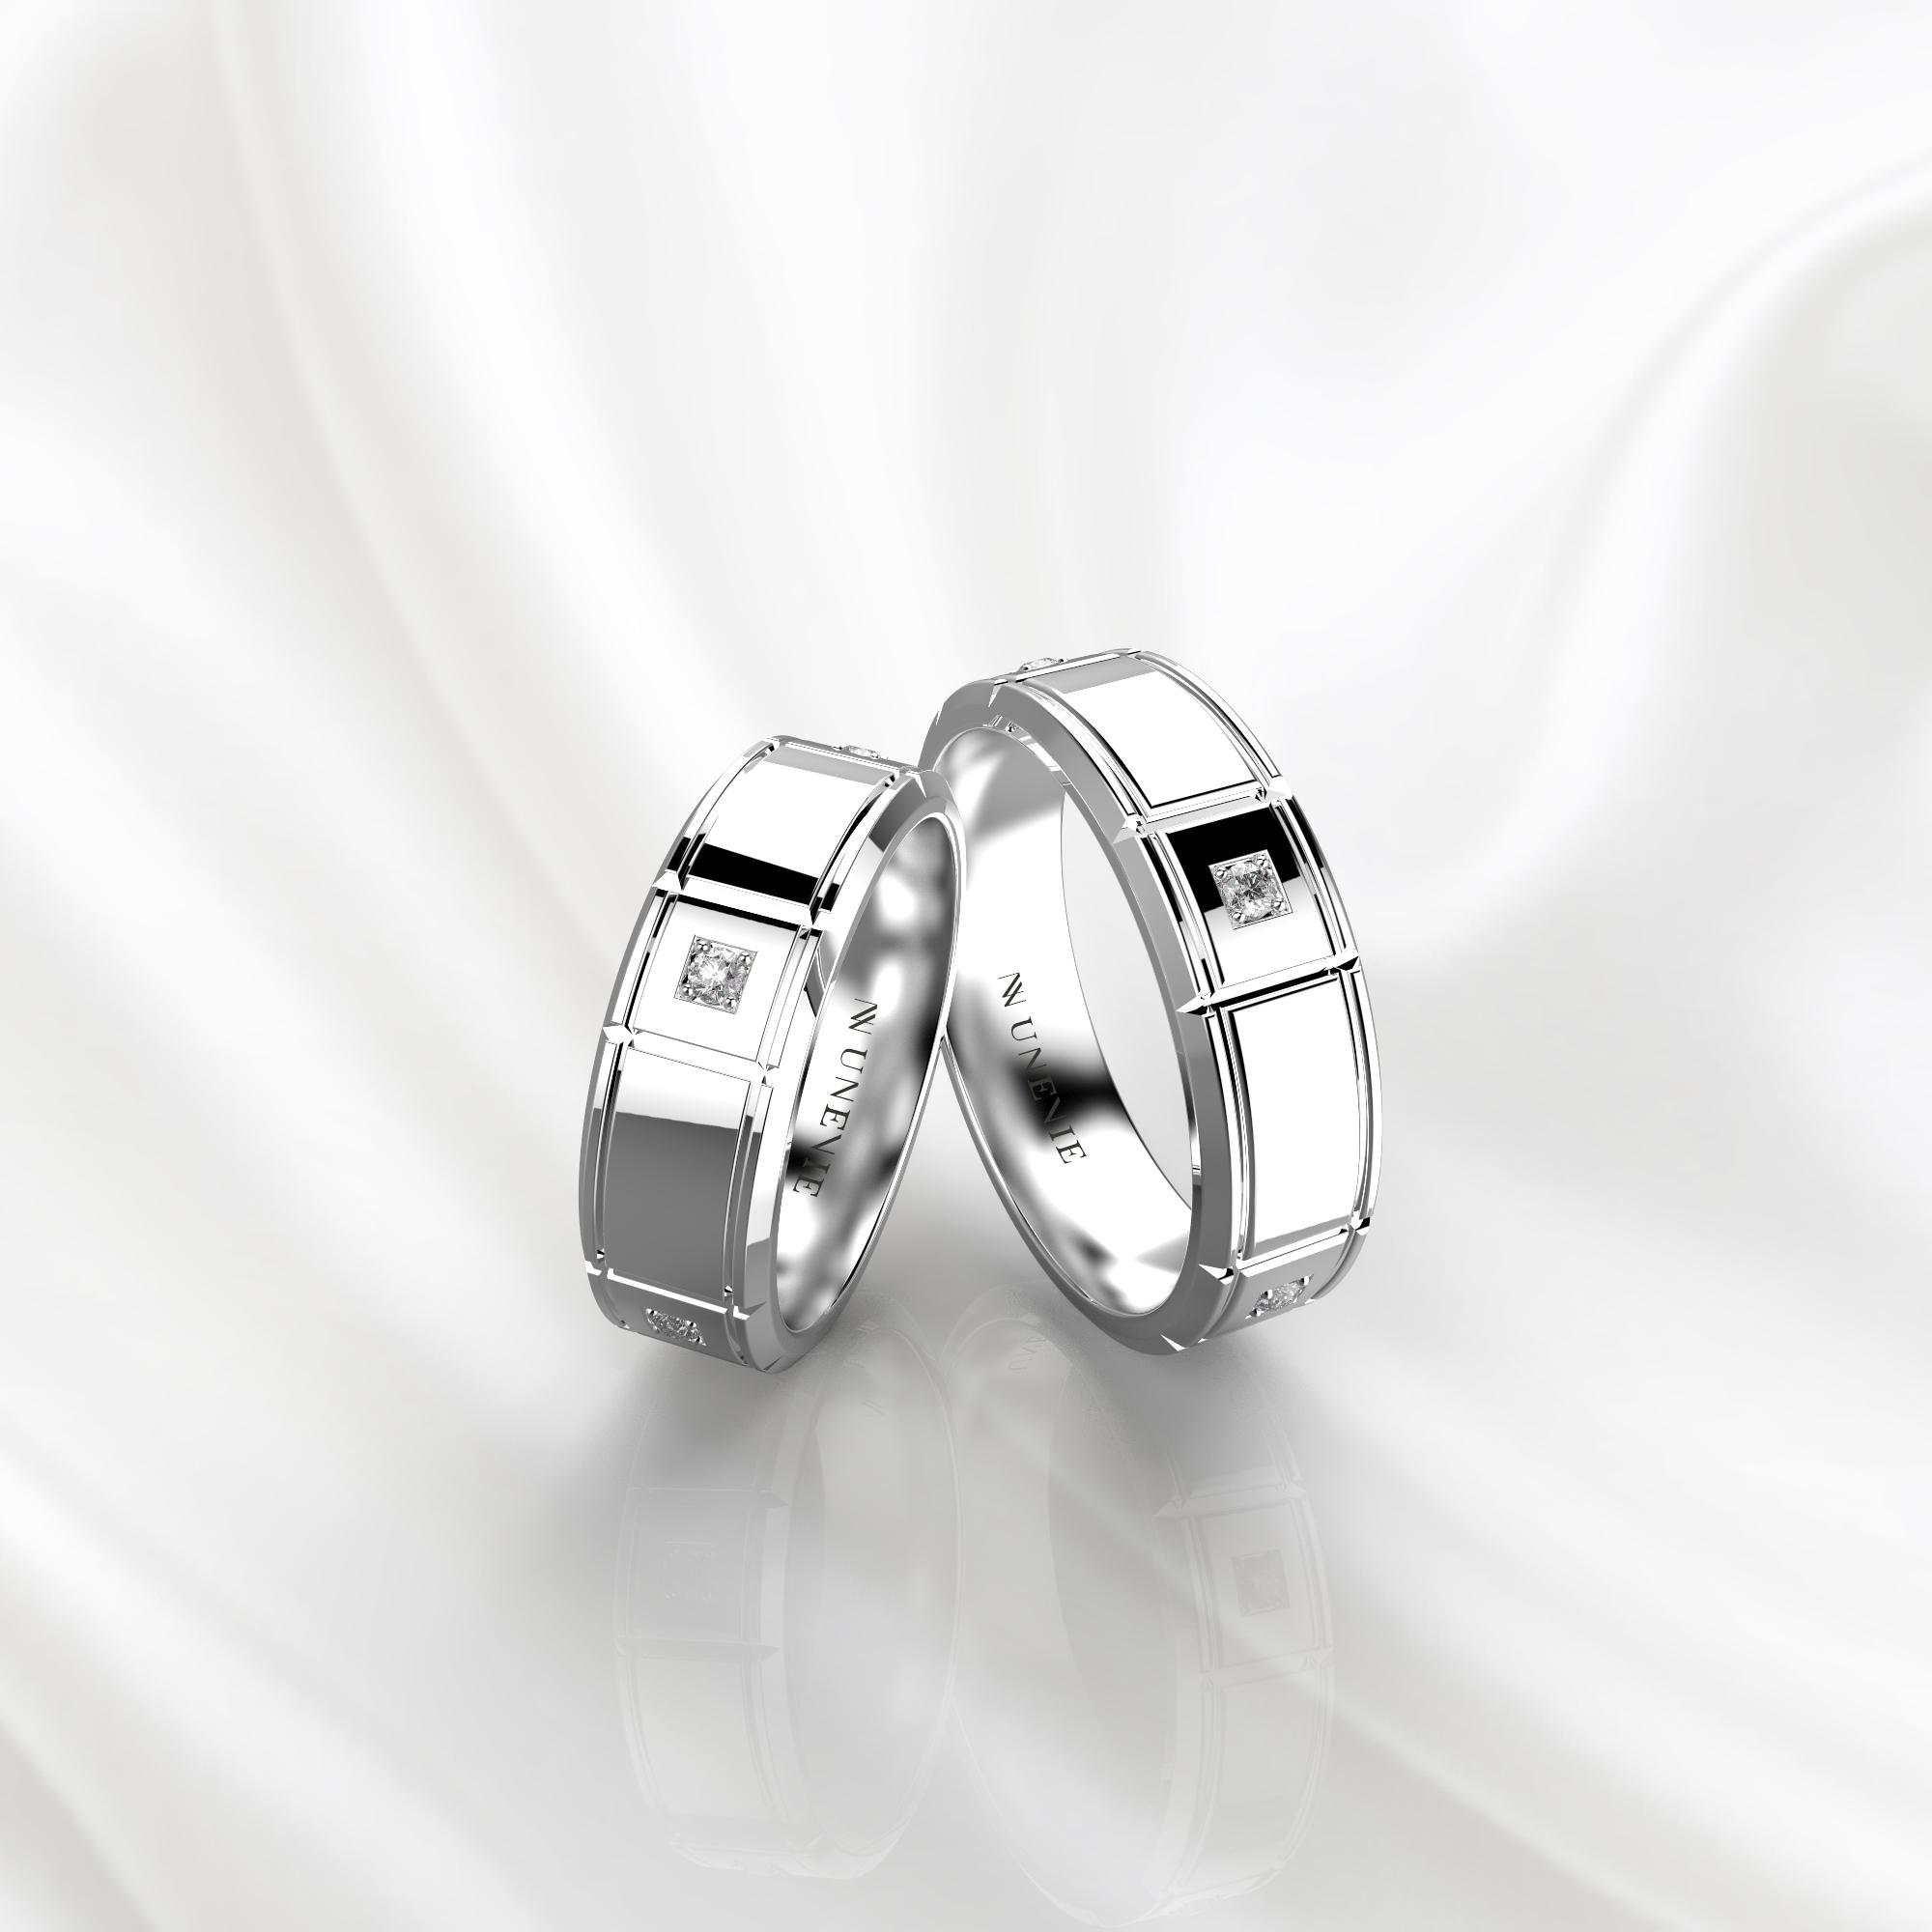 NV76 Парные обручальные кольца из белого золота с бриллиантами